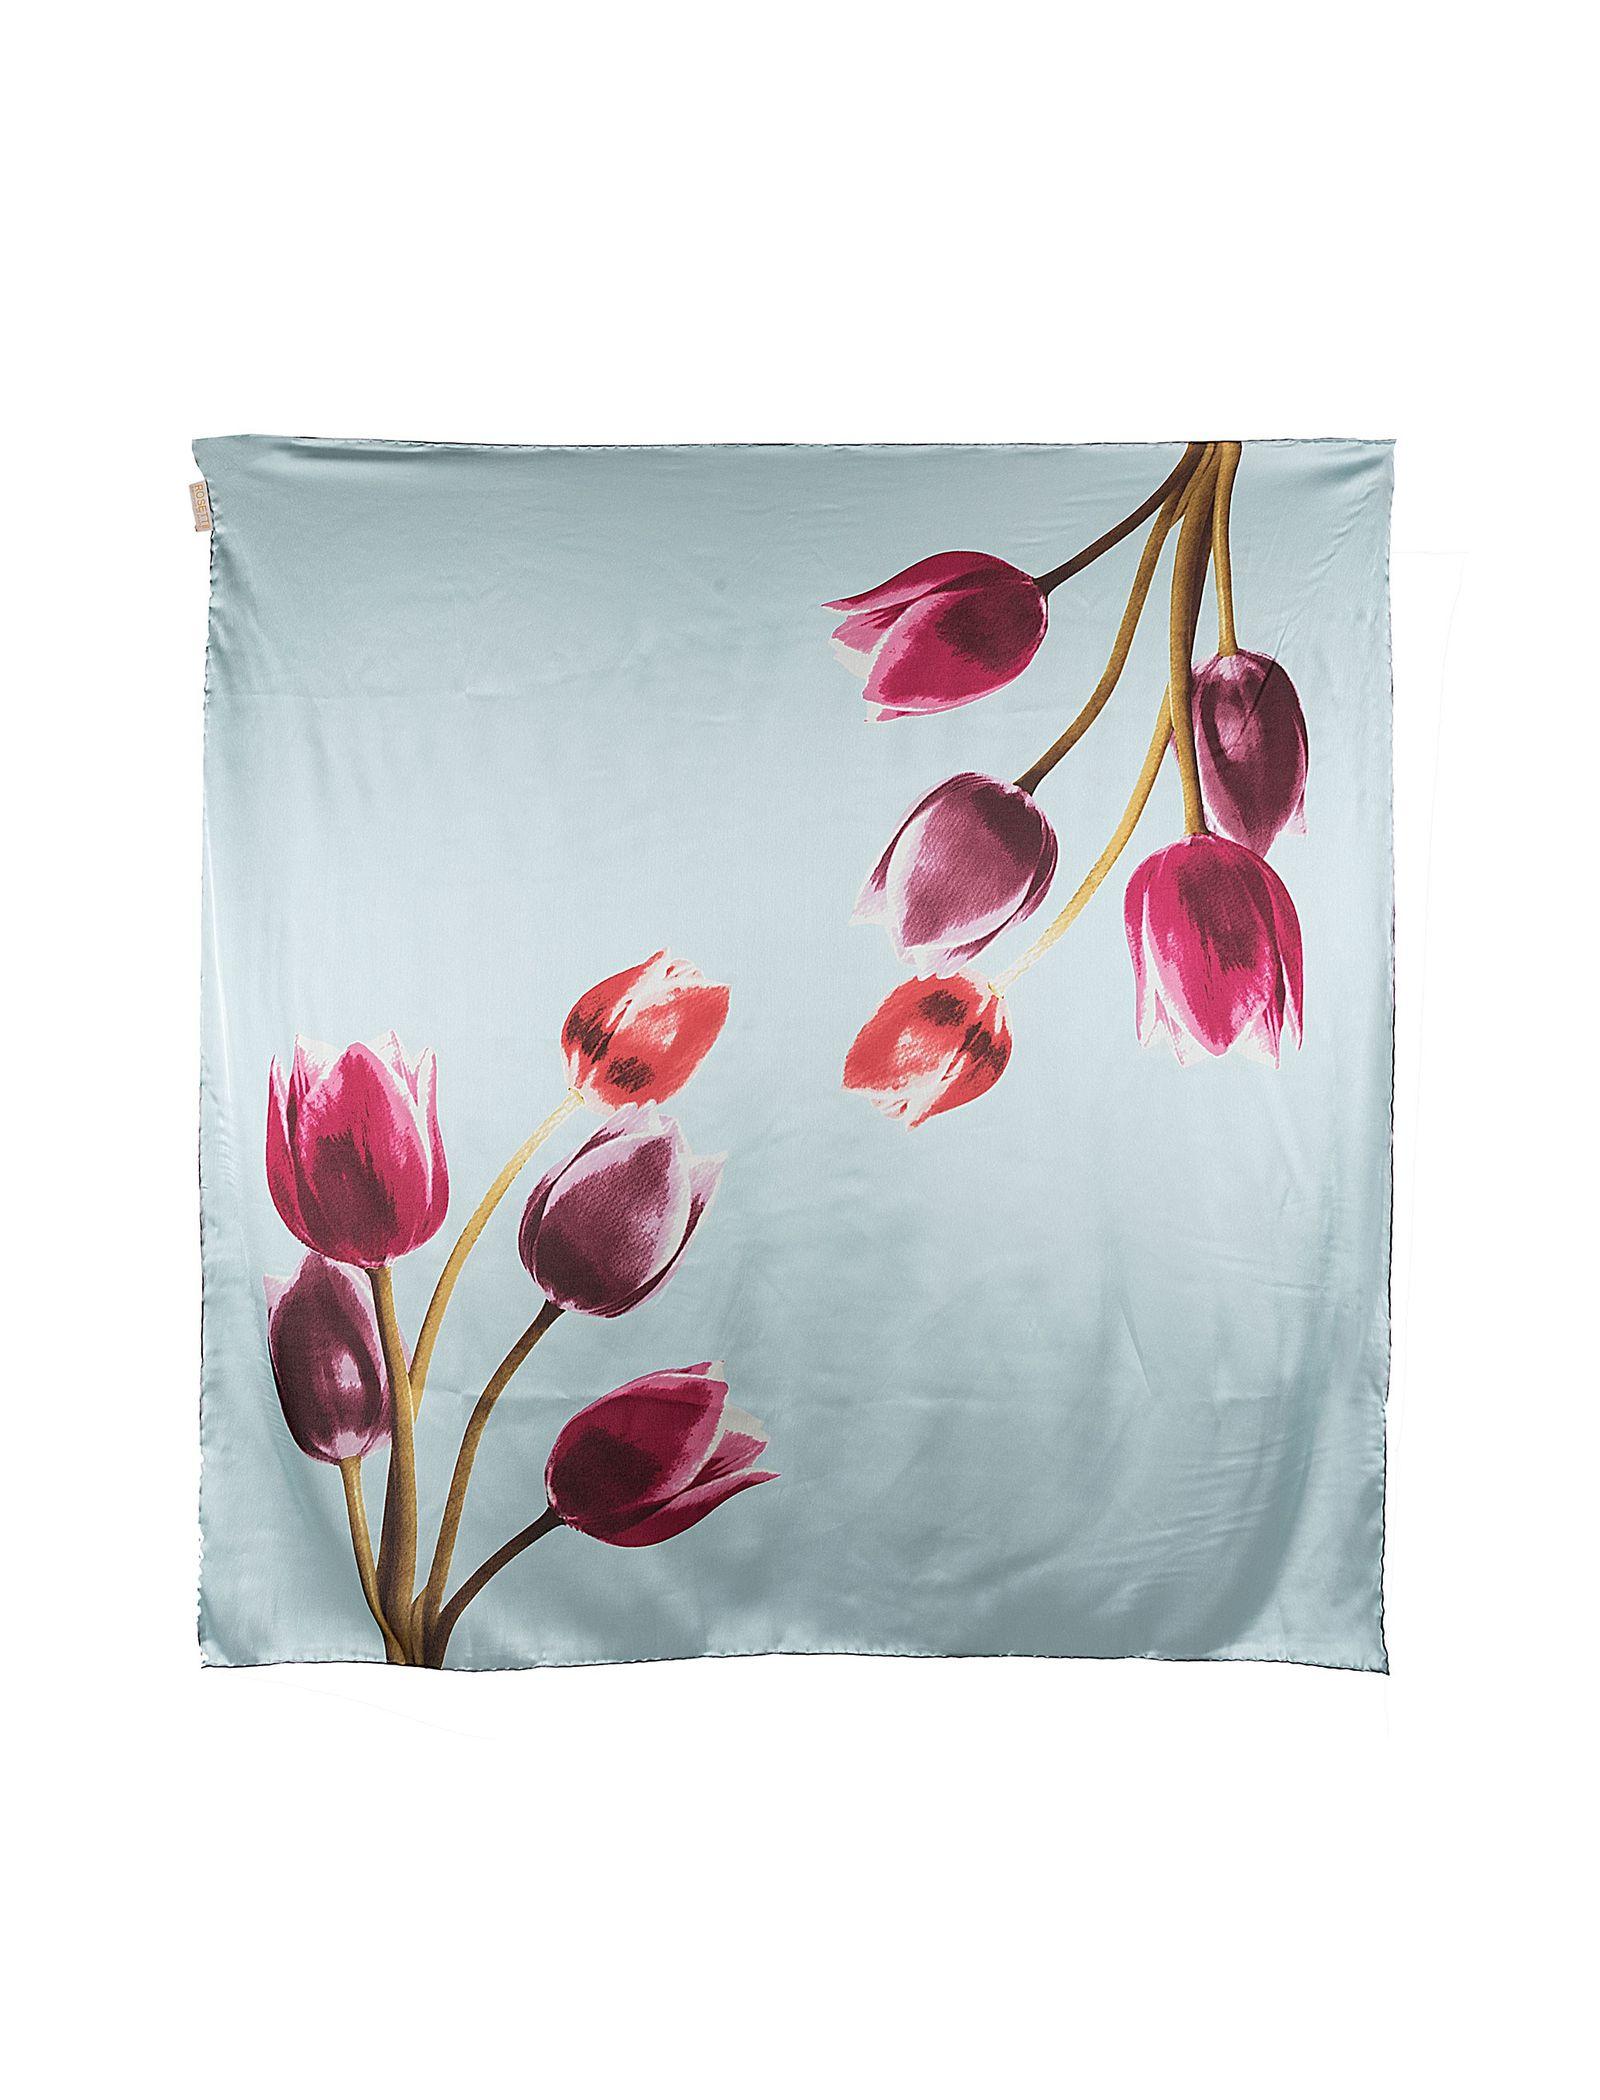 روسری ابریشمی زنانه - رزتی - آبي روشن - 1